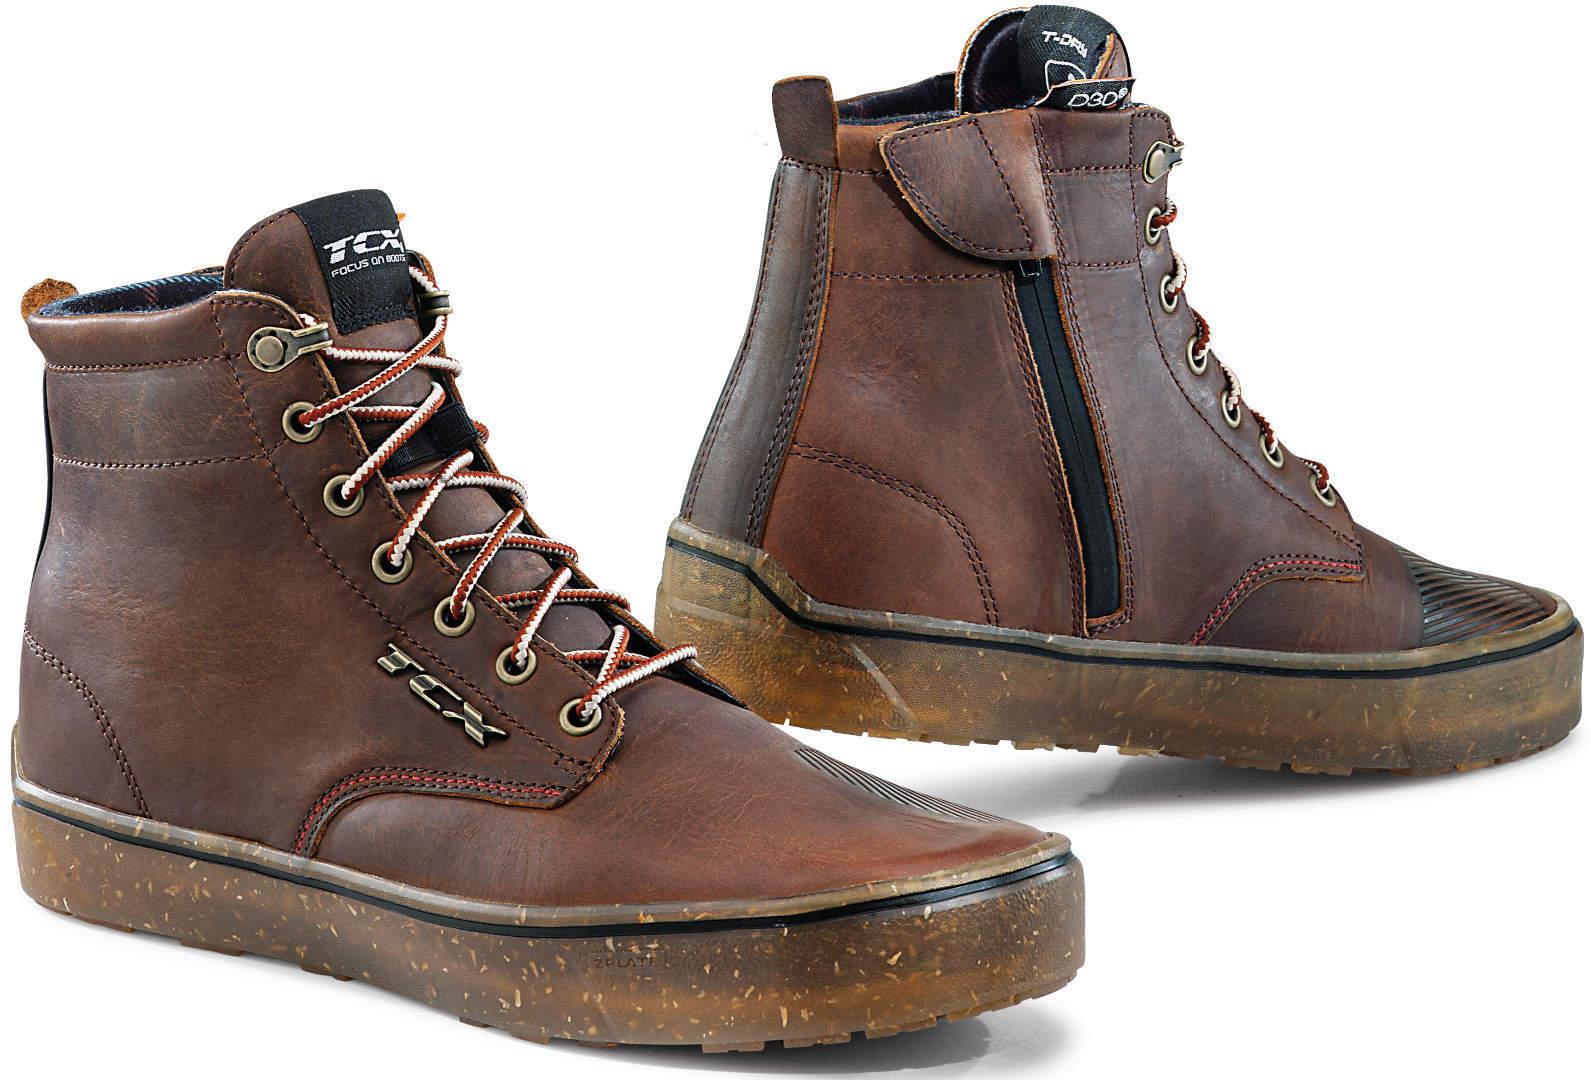 TCX Dartwood Chaussures de moto imperméables Brun taille : 42